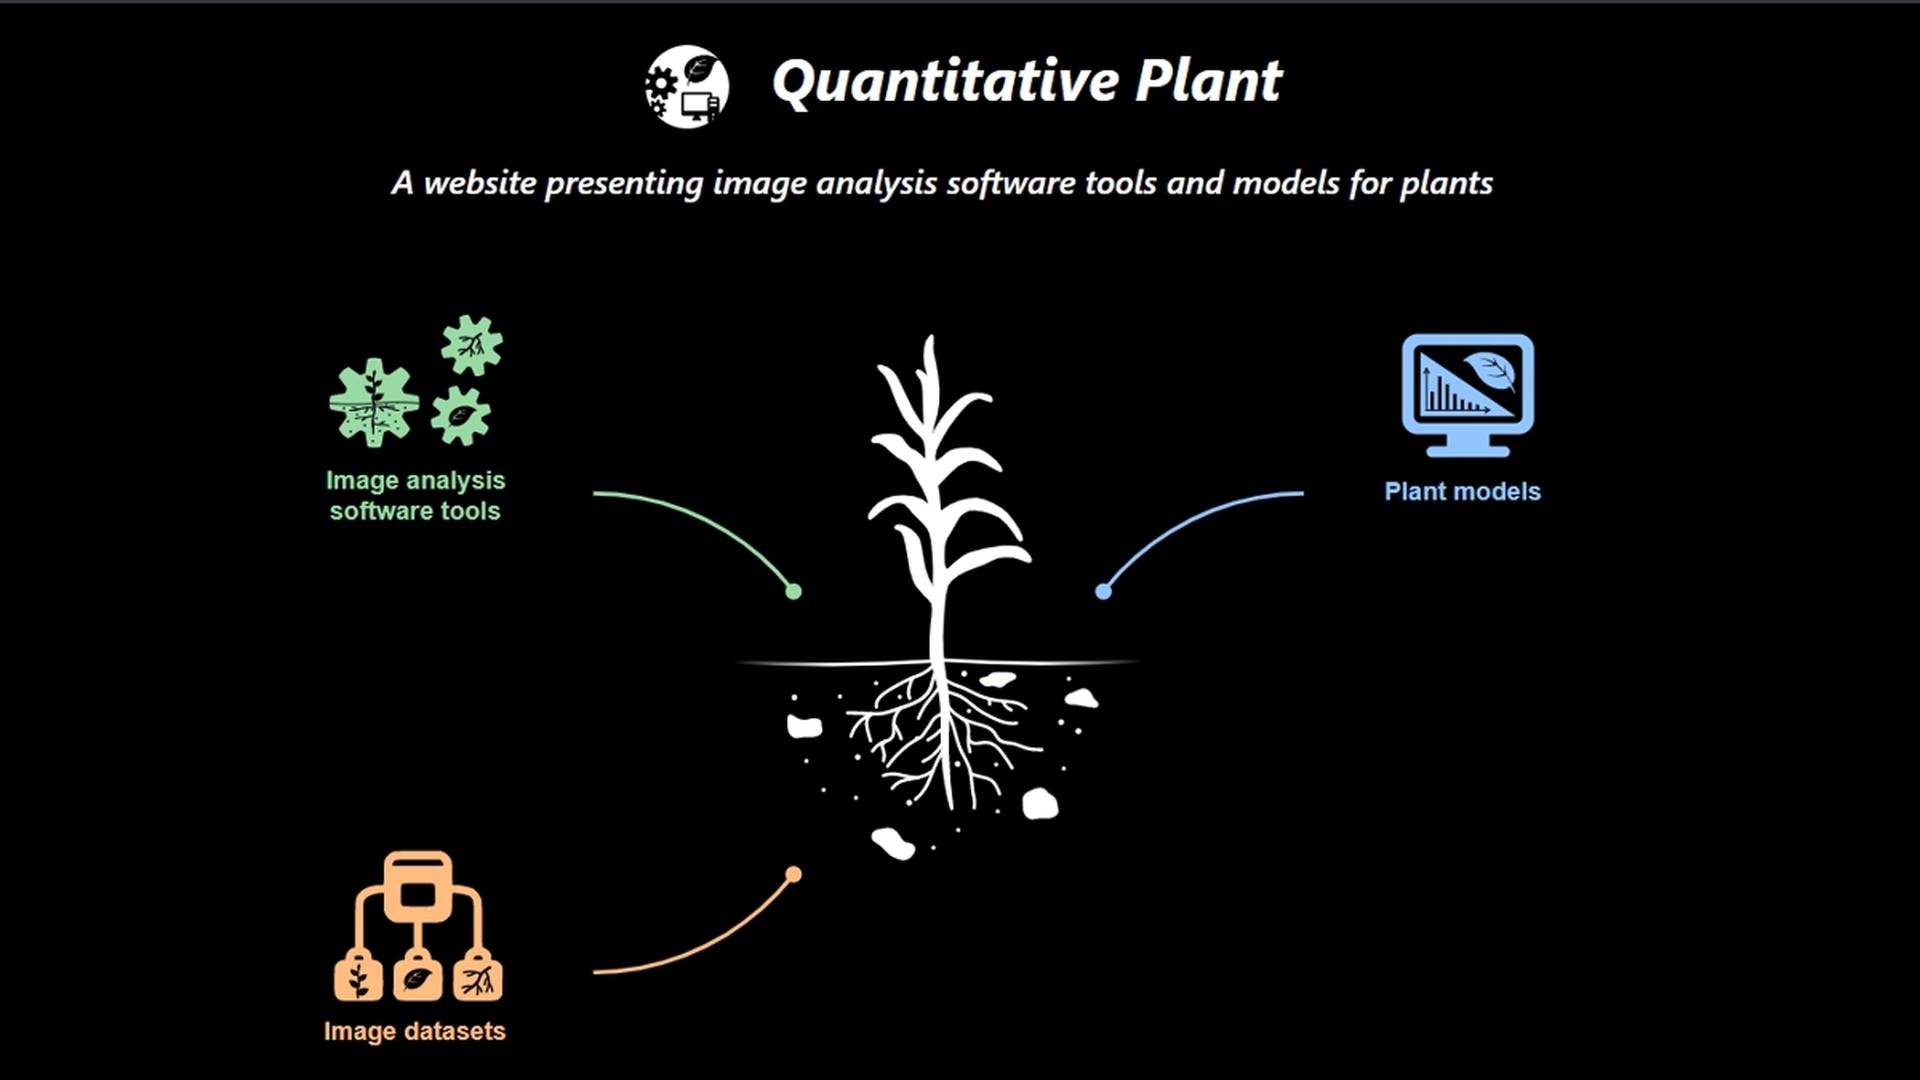 Quantitative Plant